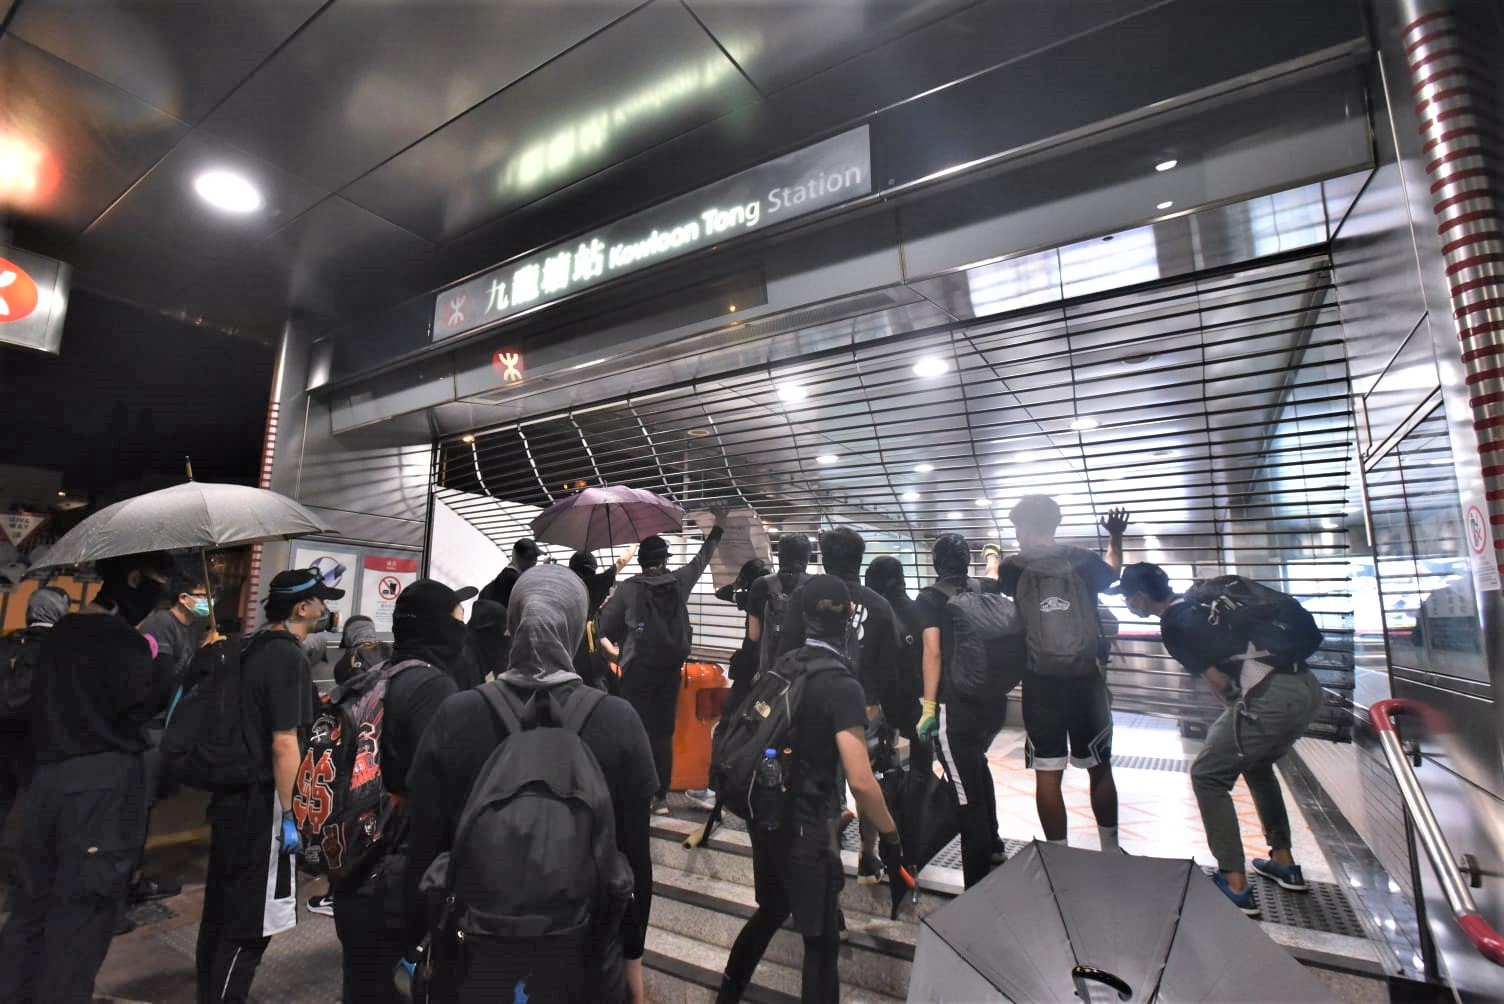 【修例风波】警方斥示威者「搬龙门」美化暴力 只会害死香港